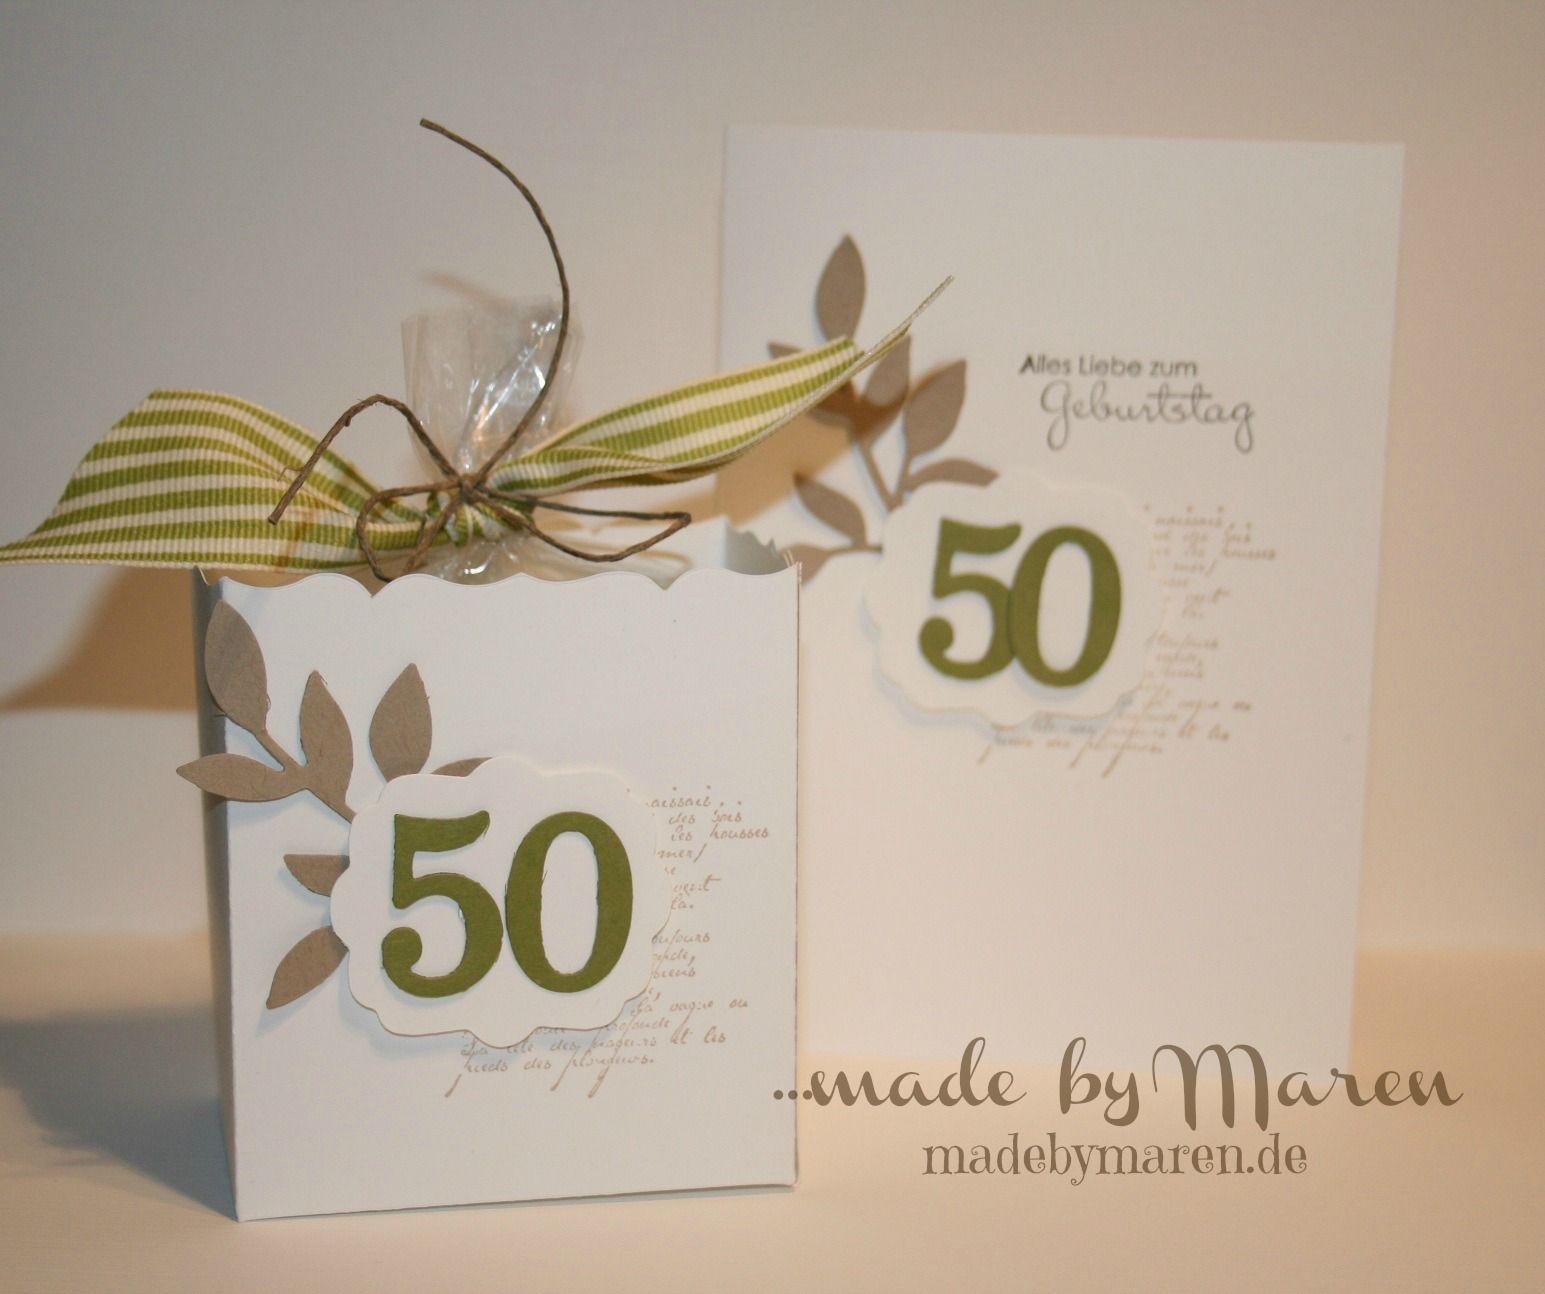 Einladung 50 Geburtstag Vorlagen Kostenlos – Teilnahme an mehreren Parteien manchmal schwierig finanziert Die Entscheidung eine Partei und Veranstaltung